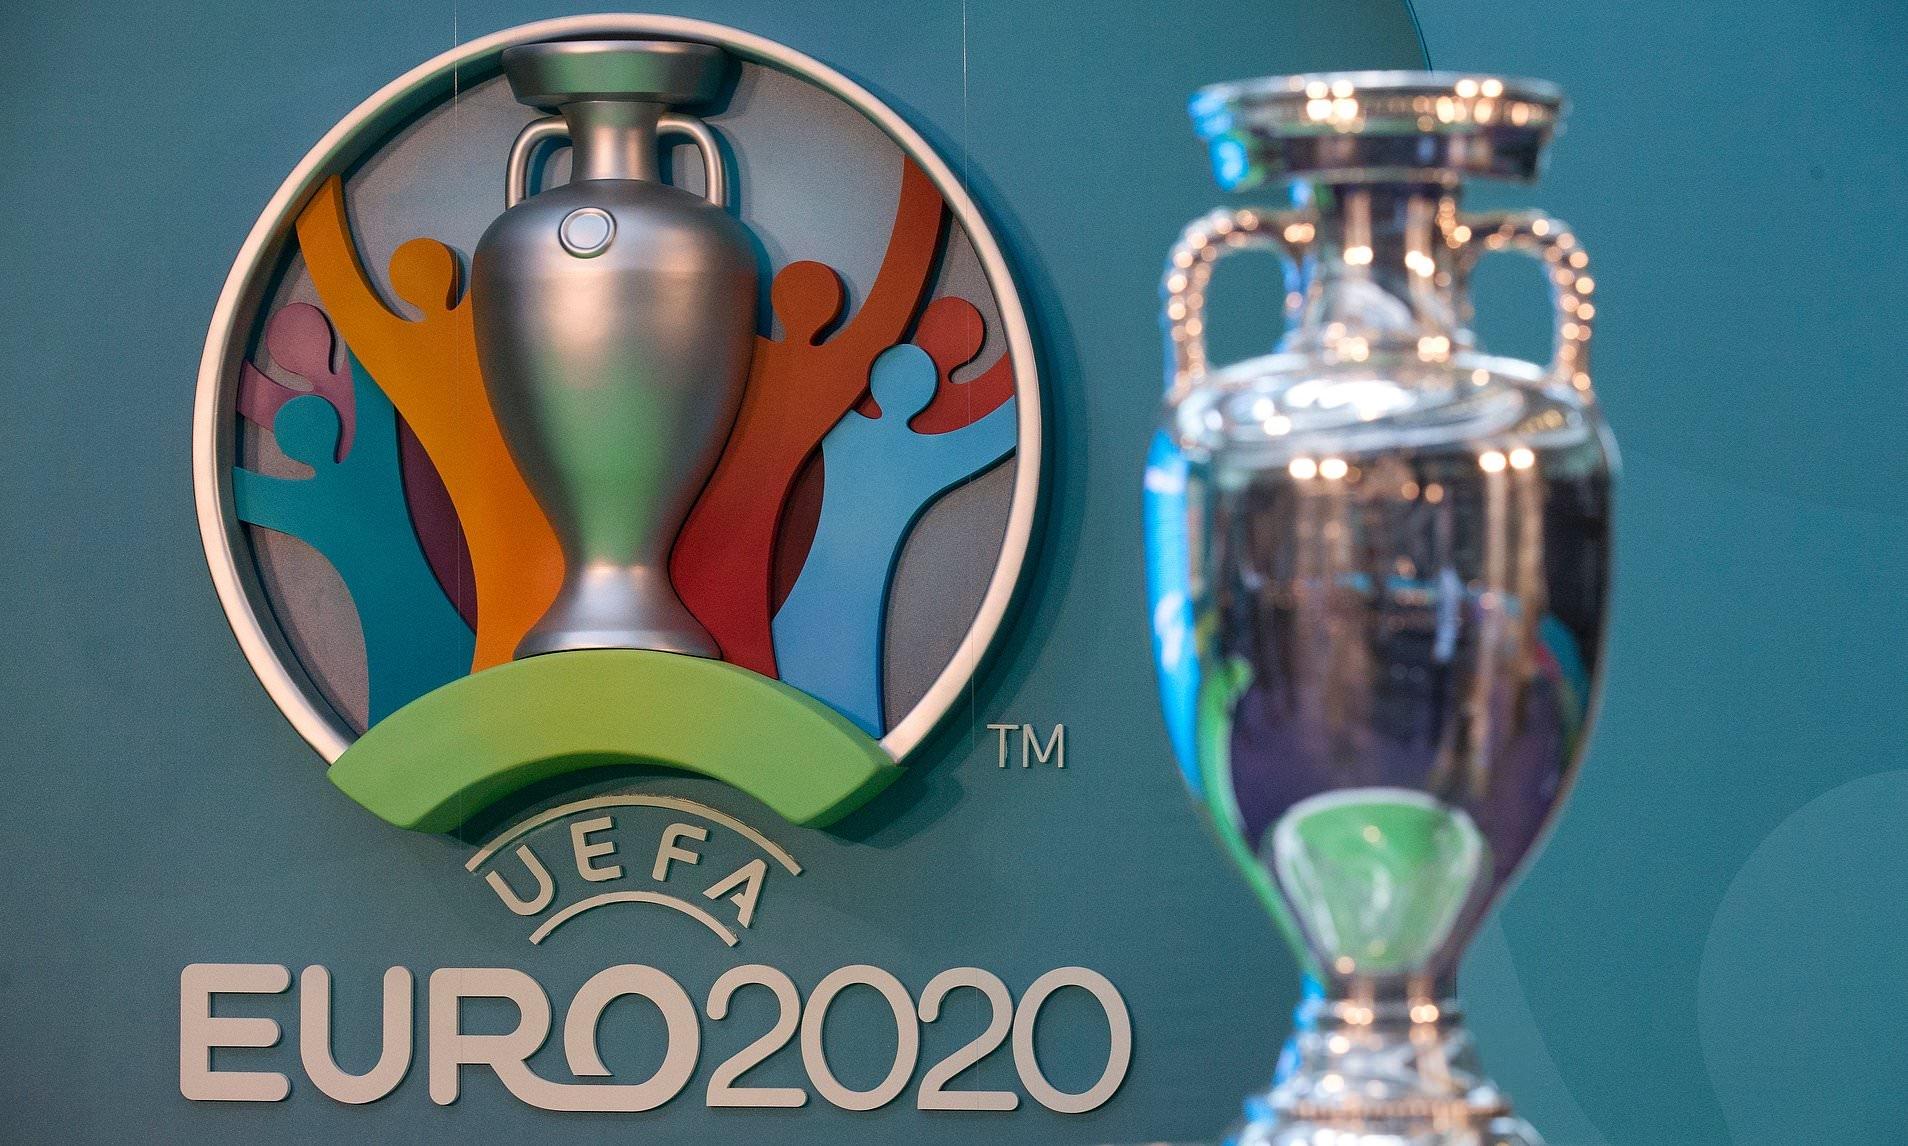 جدول مباريات أمم أوروبا ( يورو 2021 ) بتوقيت تونس + المجموعات والقنوات  الناقلة